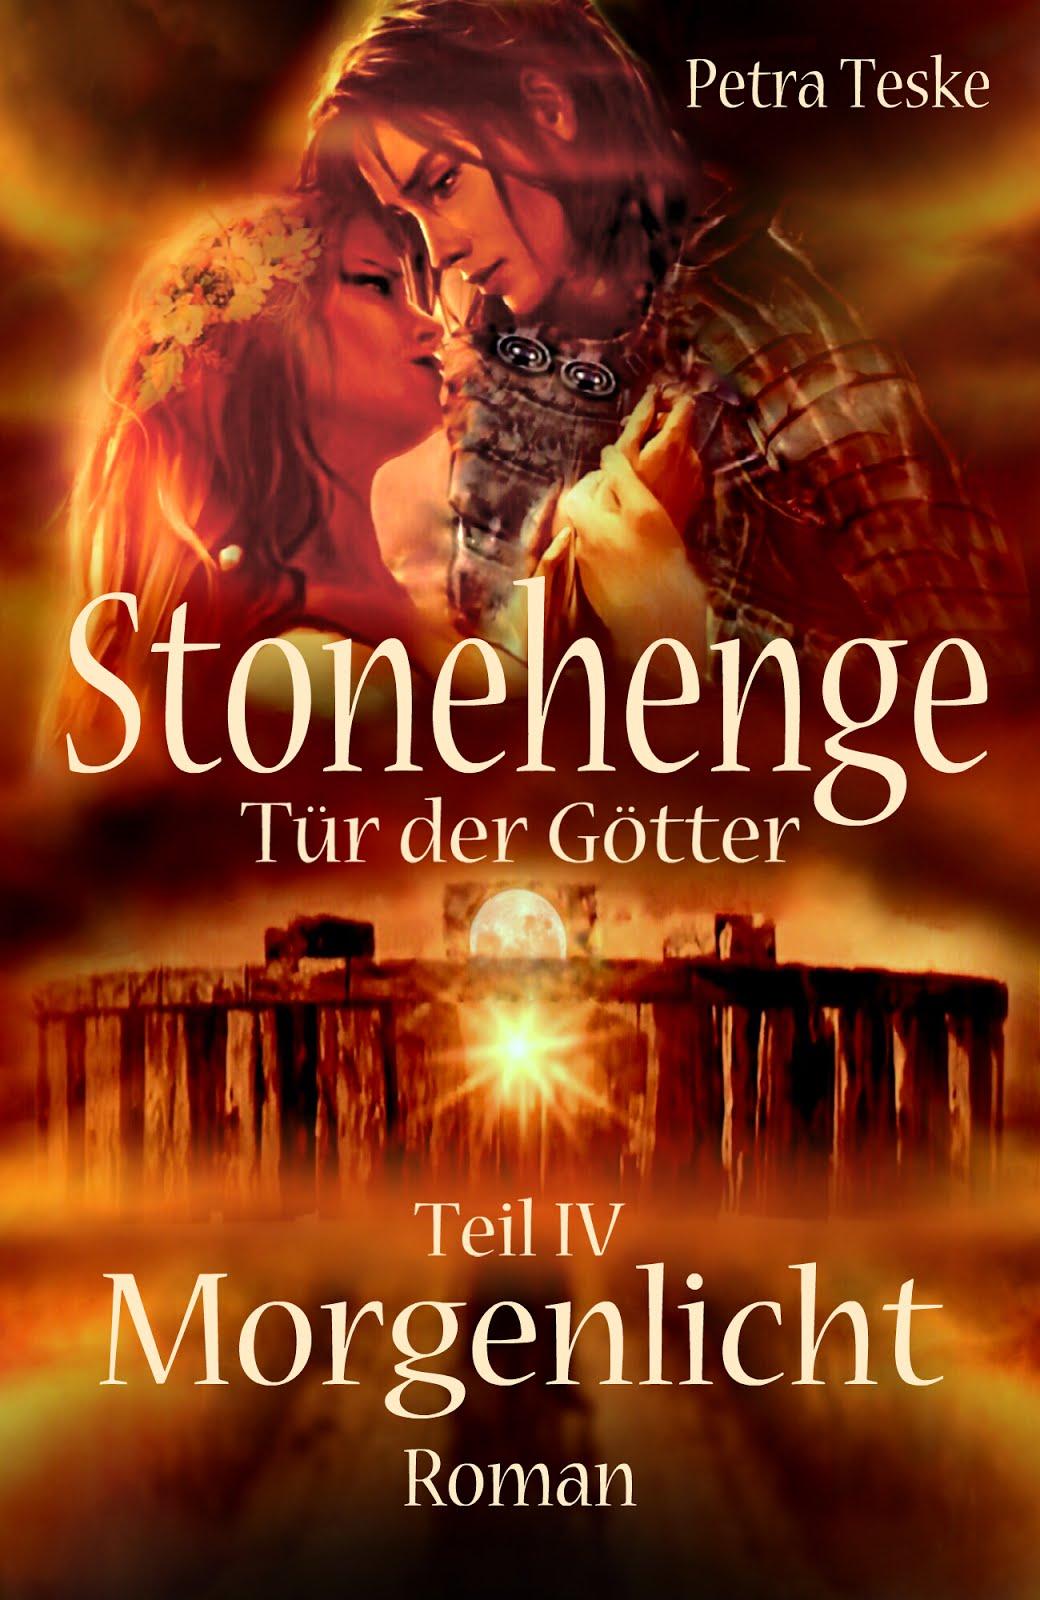 Stonehenge Tür der Götter Teil IV: Morgenlicht